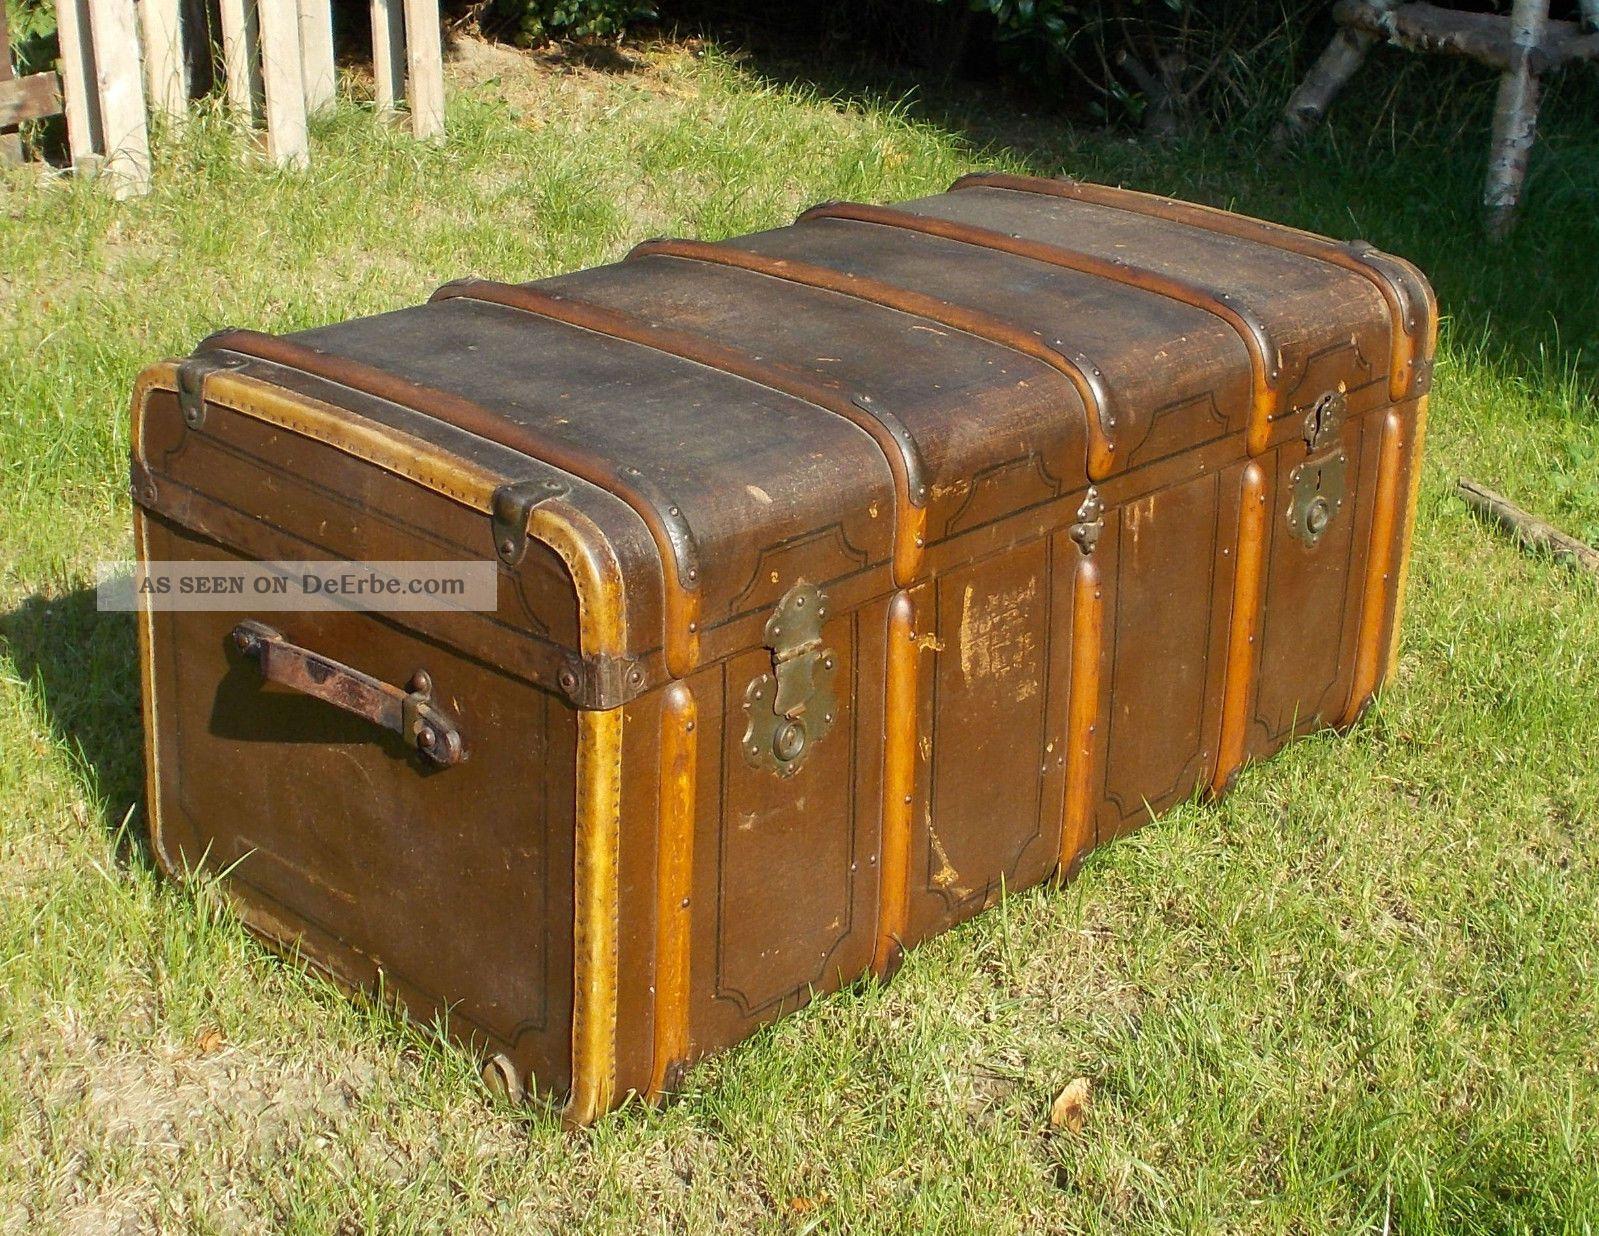 alter Überseekoffer koffer truhe reisekoffer kofferschrank couchtisch